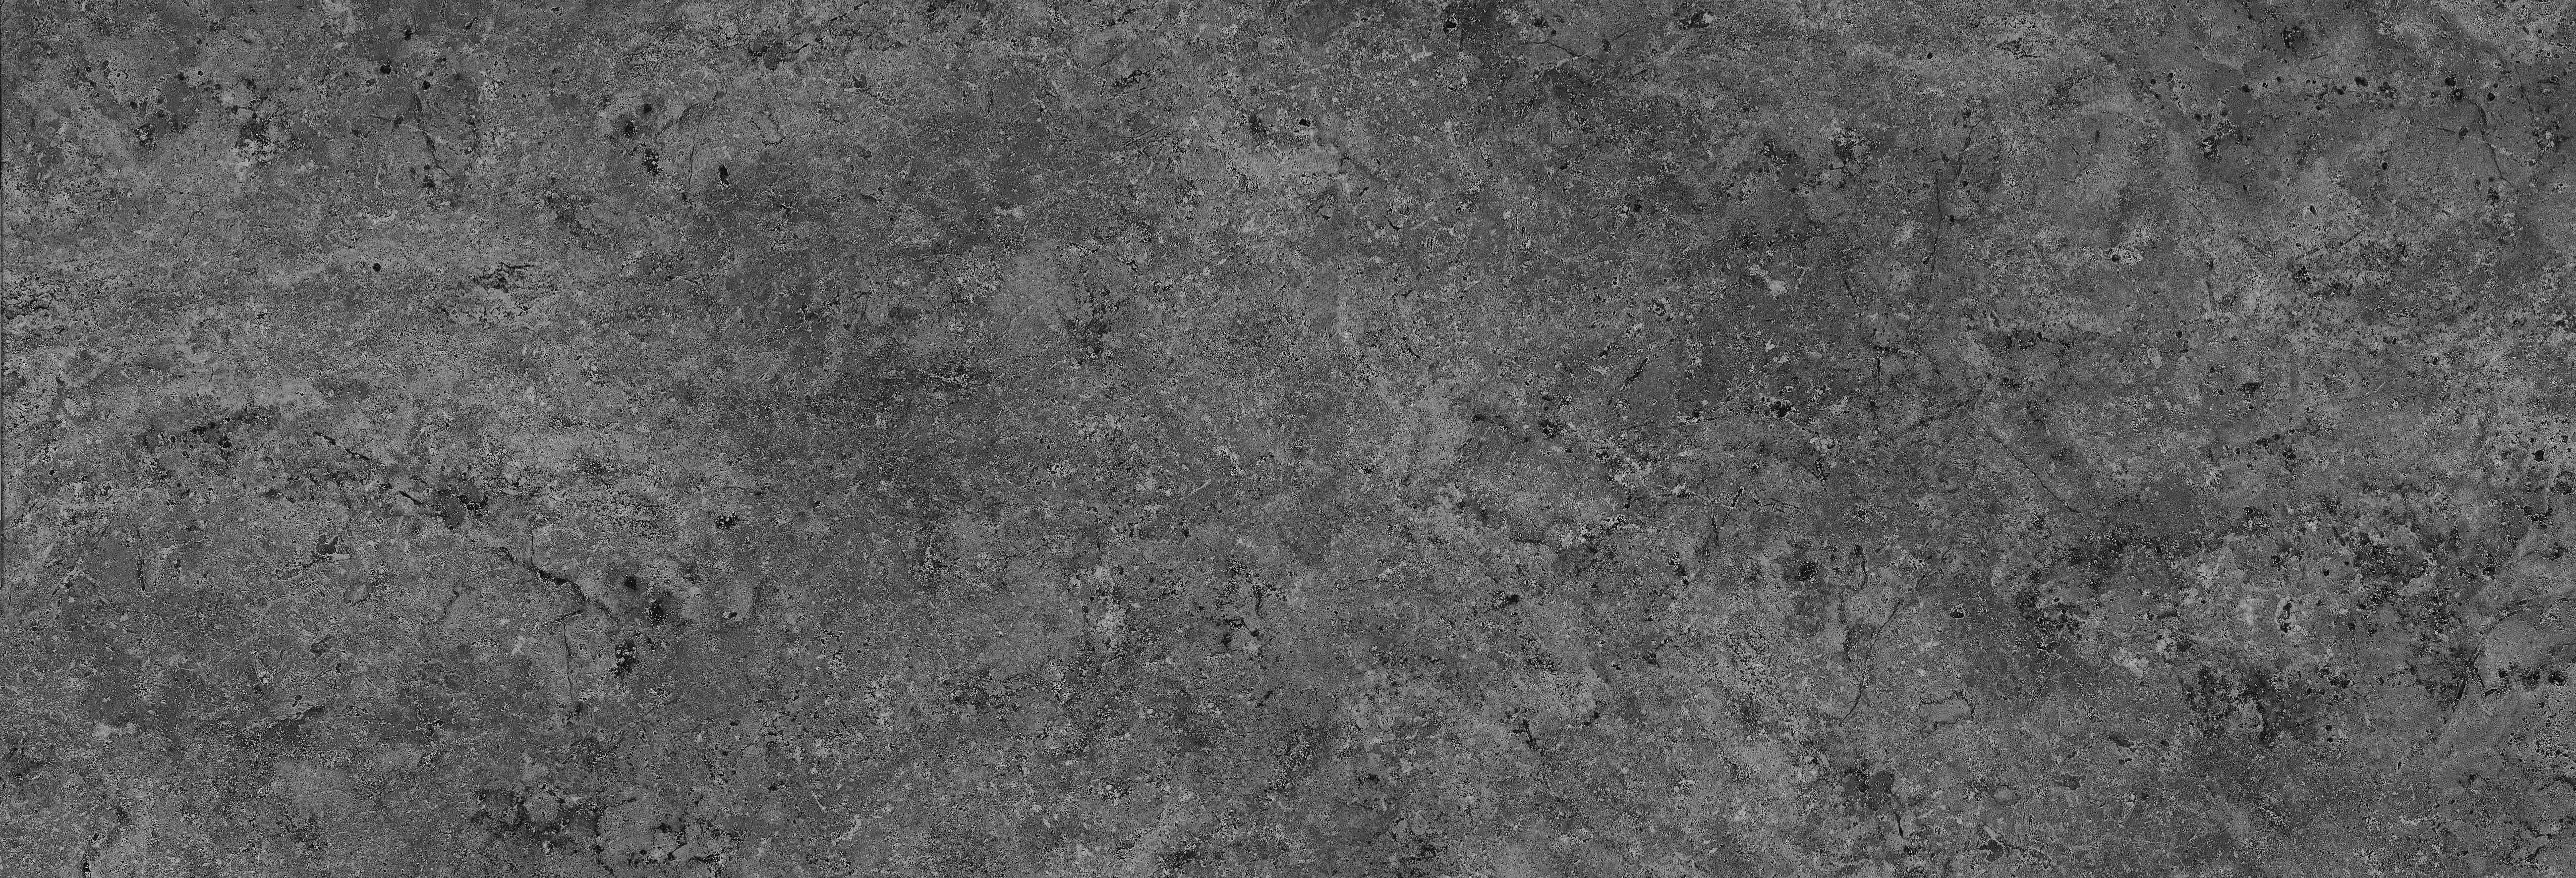 Gut bekannt Top Vinylboden Ziro - Vinylan Hydro - Schiefer anthrazit VP55